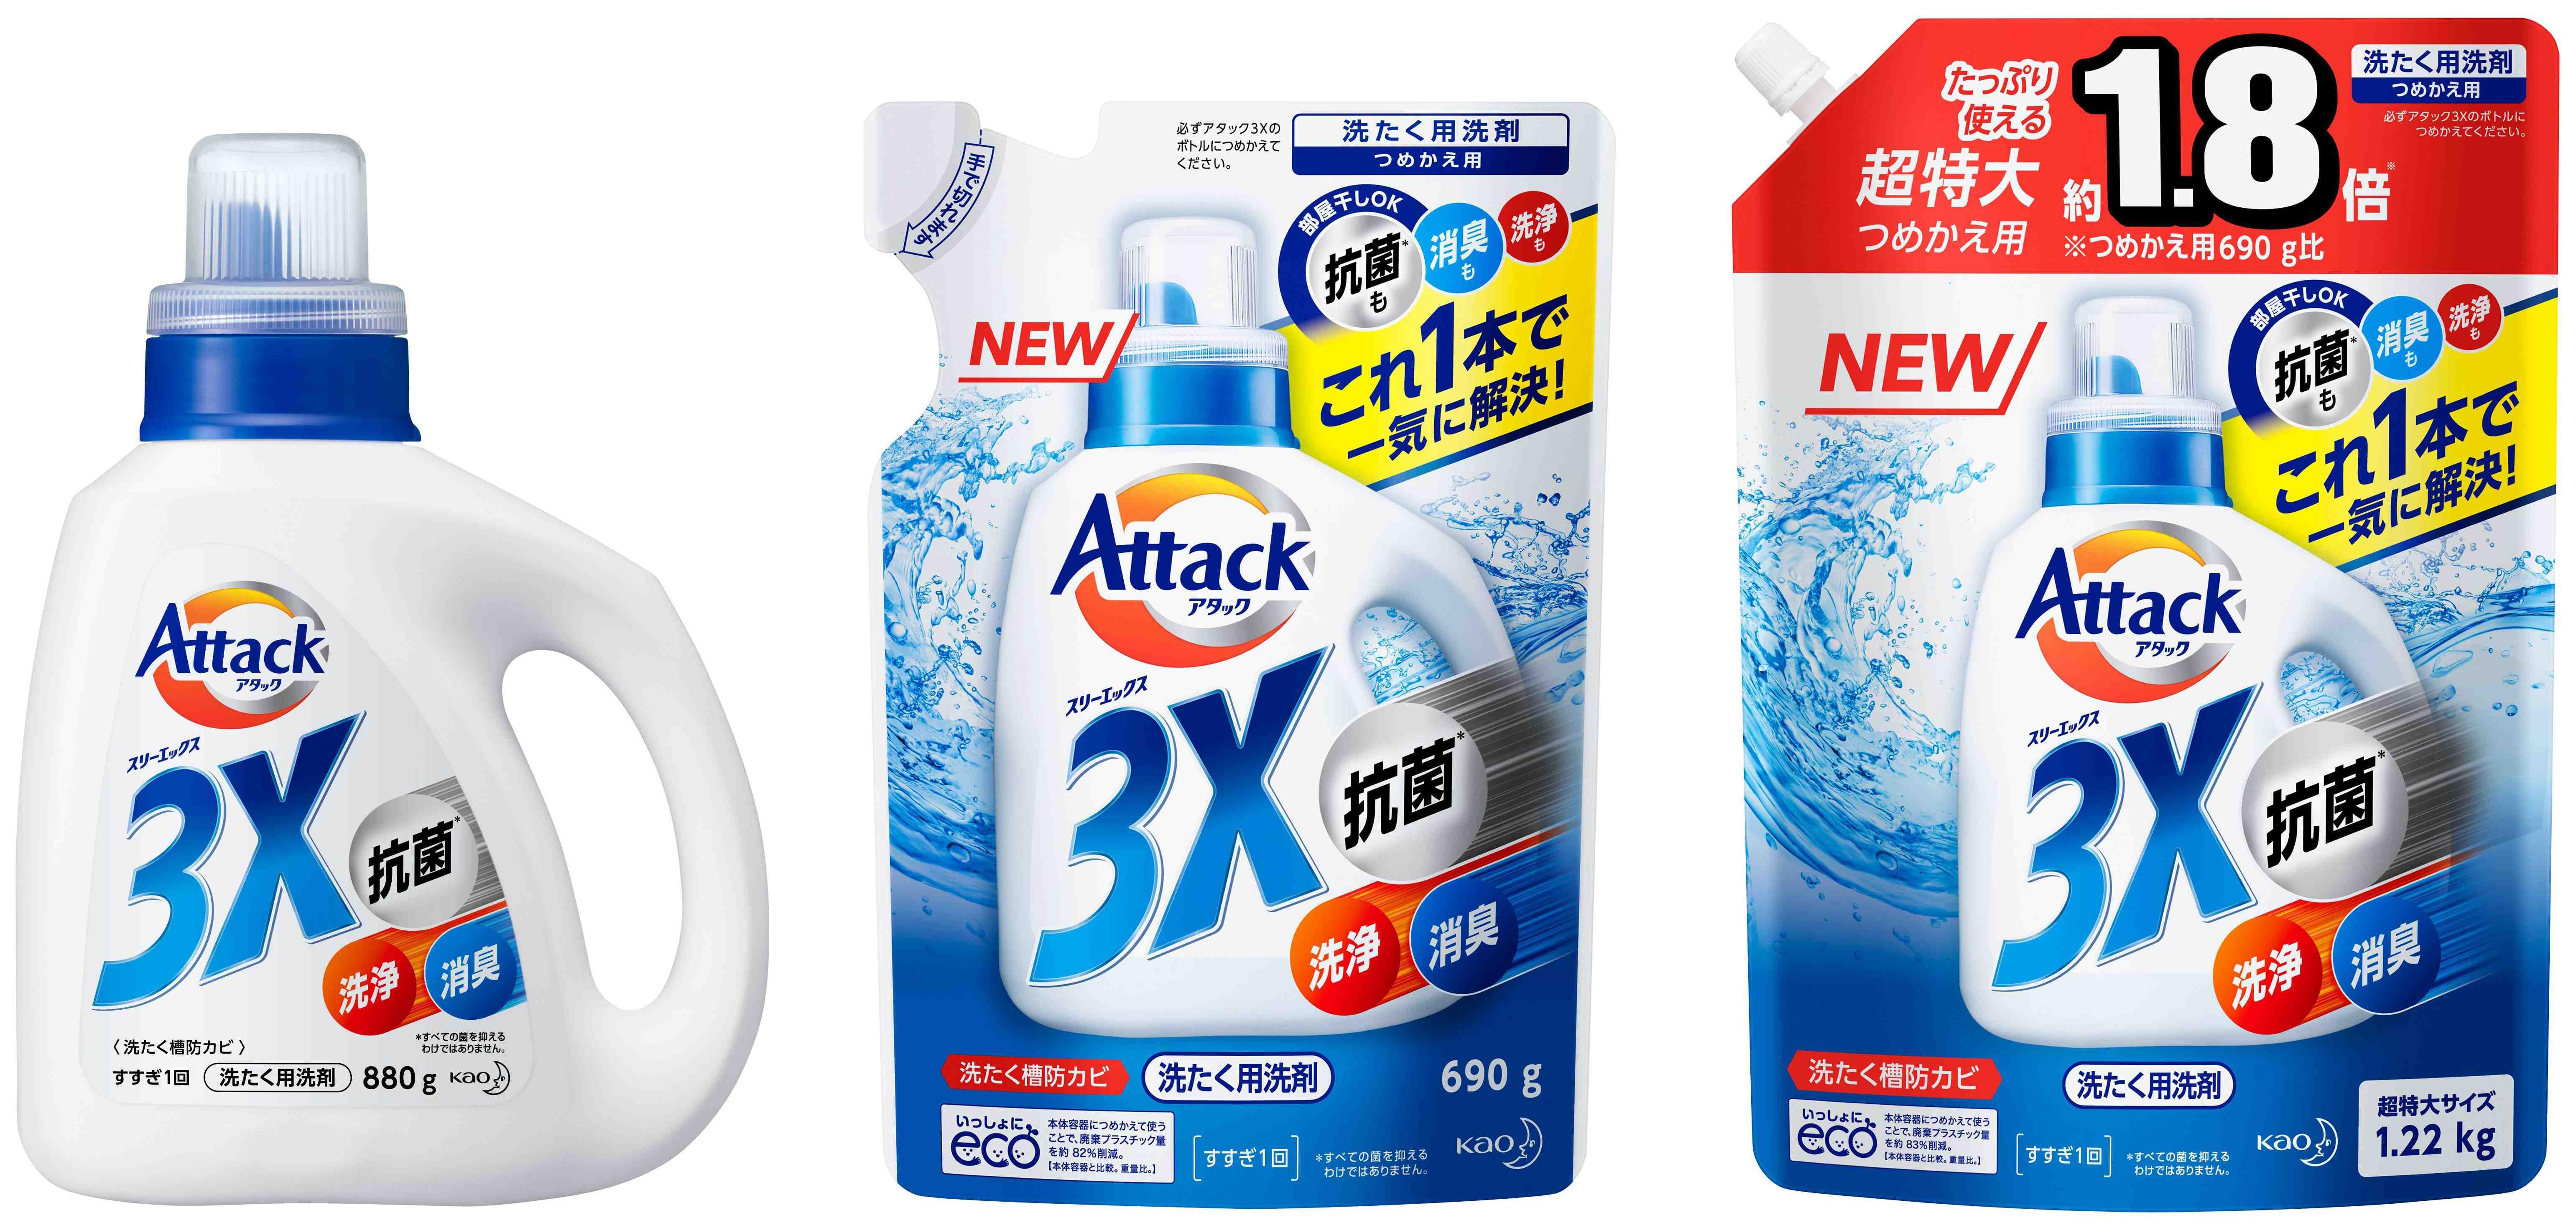 花王が「アタック3X(スリーエックス)」発売。従来の非濃縮タイプで需要開拓